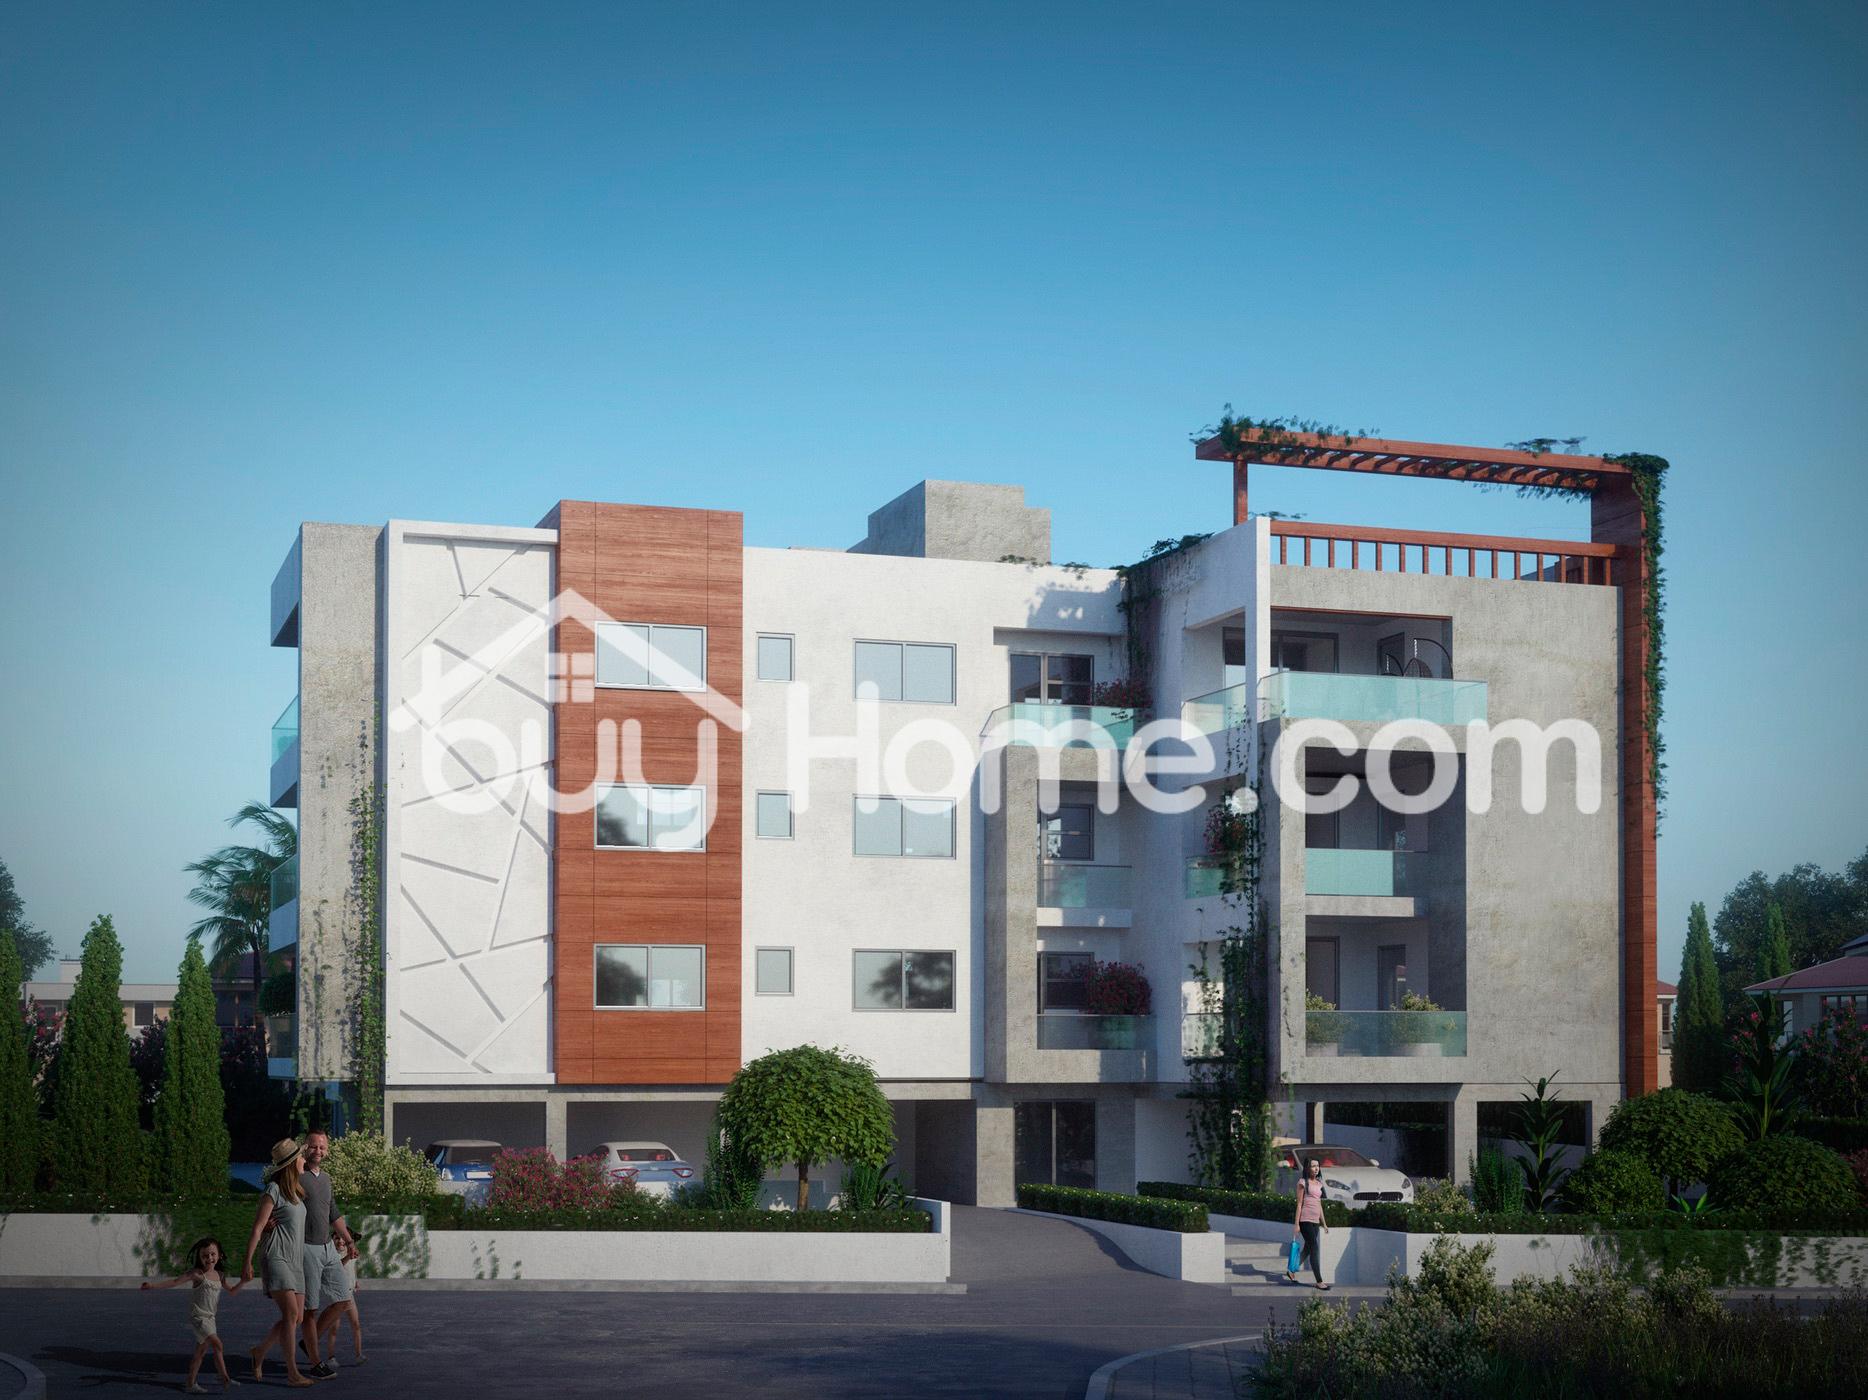 De-lux Apt- Popular Neighborhood   BuyHome